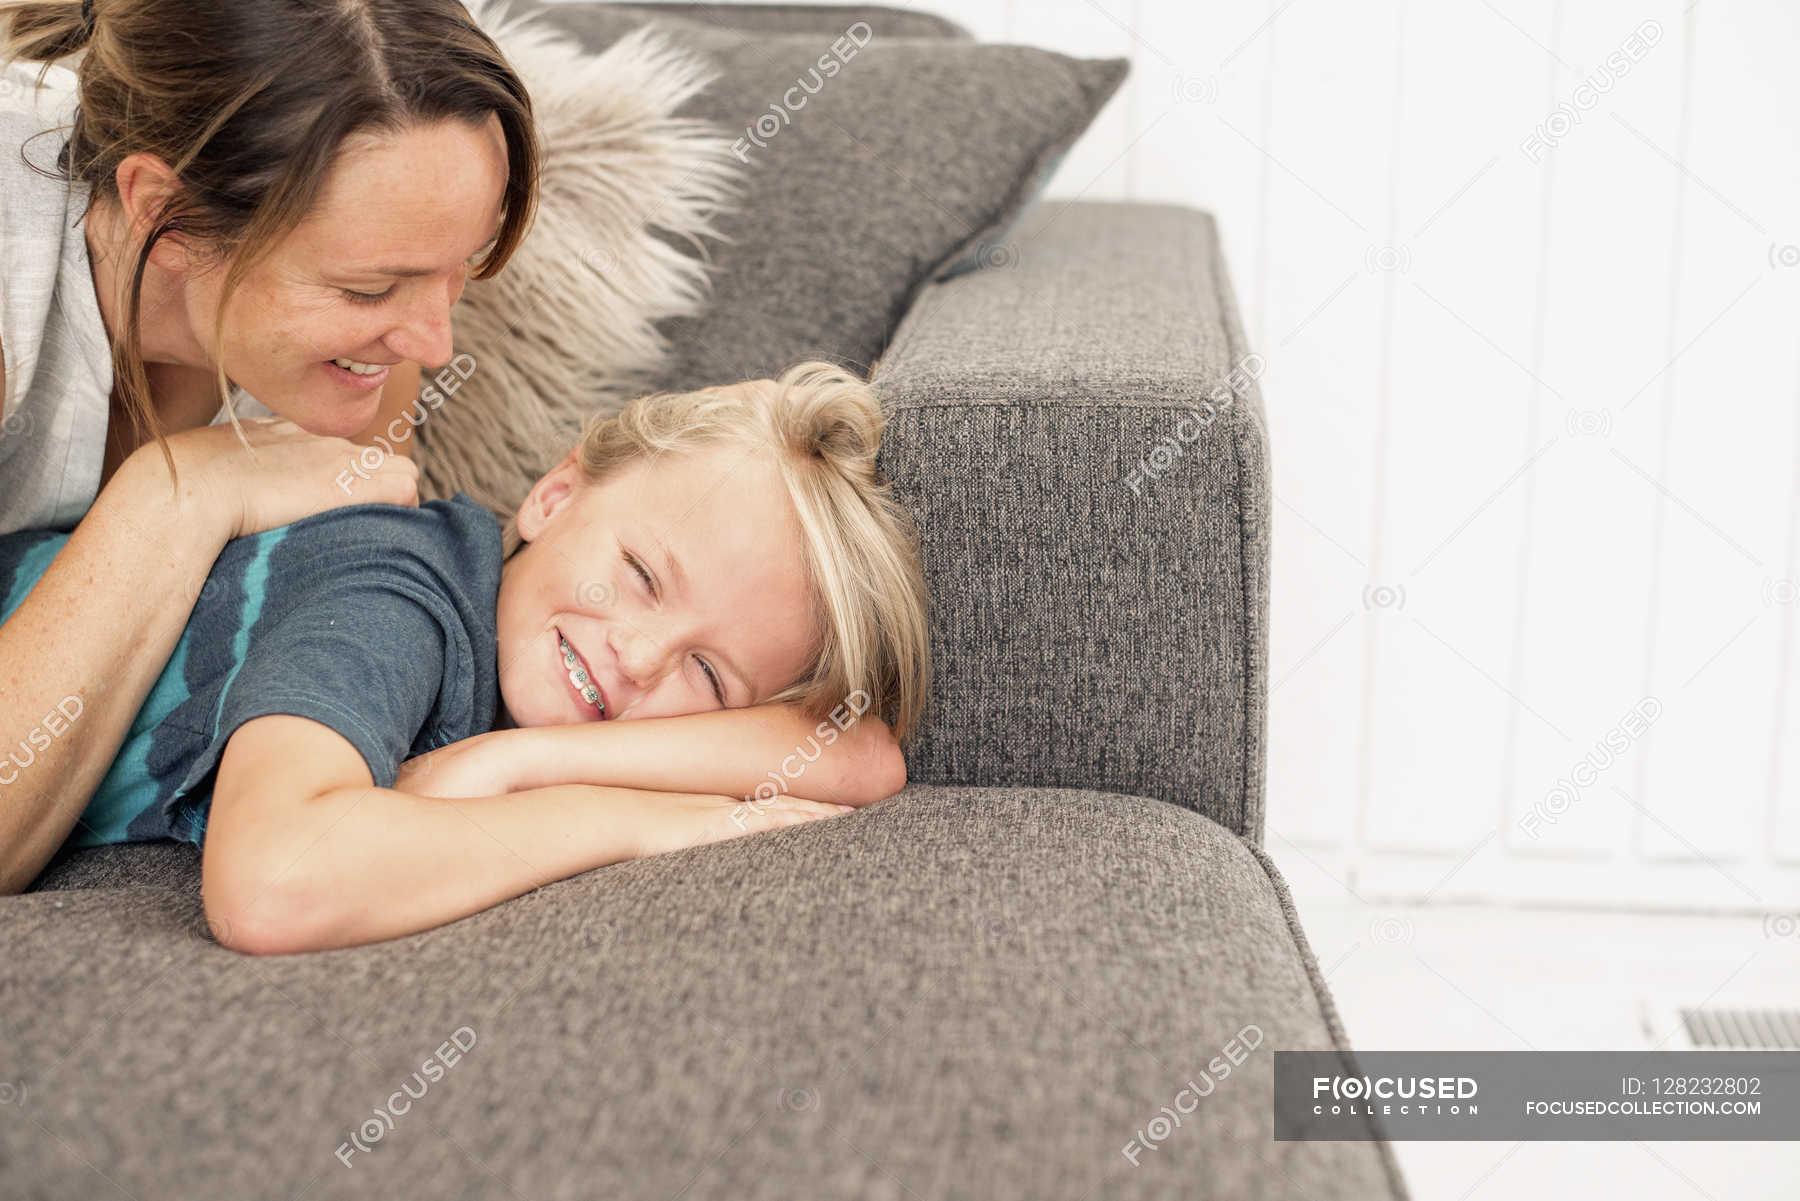 Секс сын трахает мать на диване, Порно русских мамочек, сын трахает маму 13 фотография